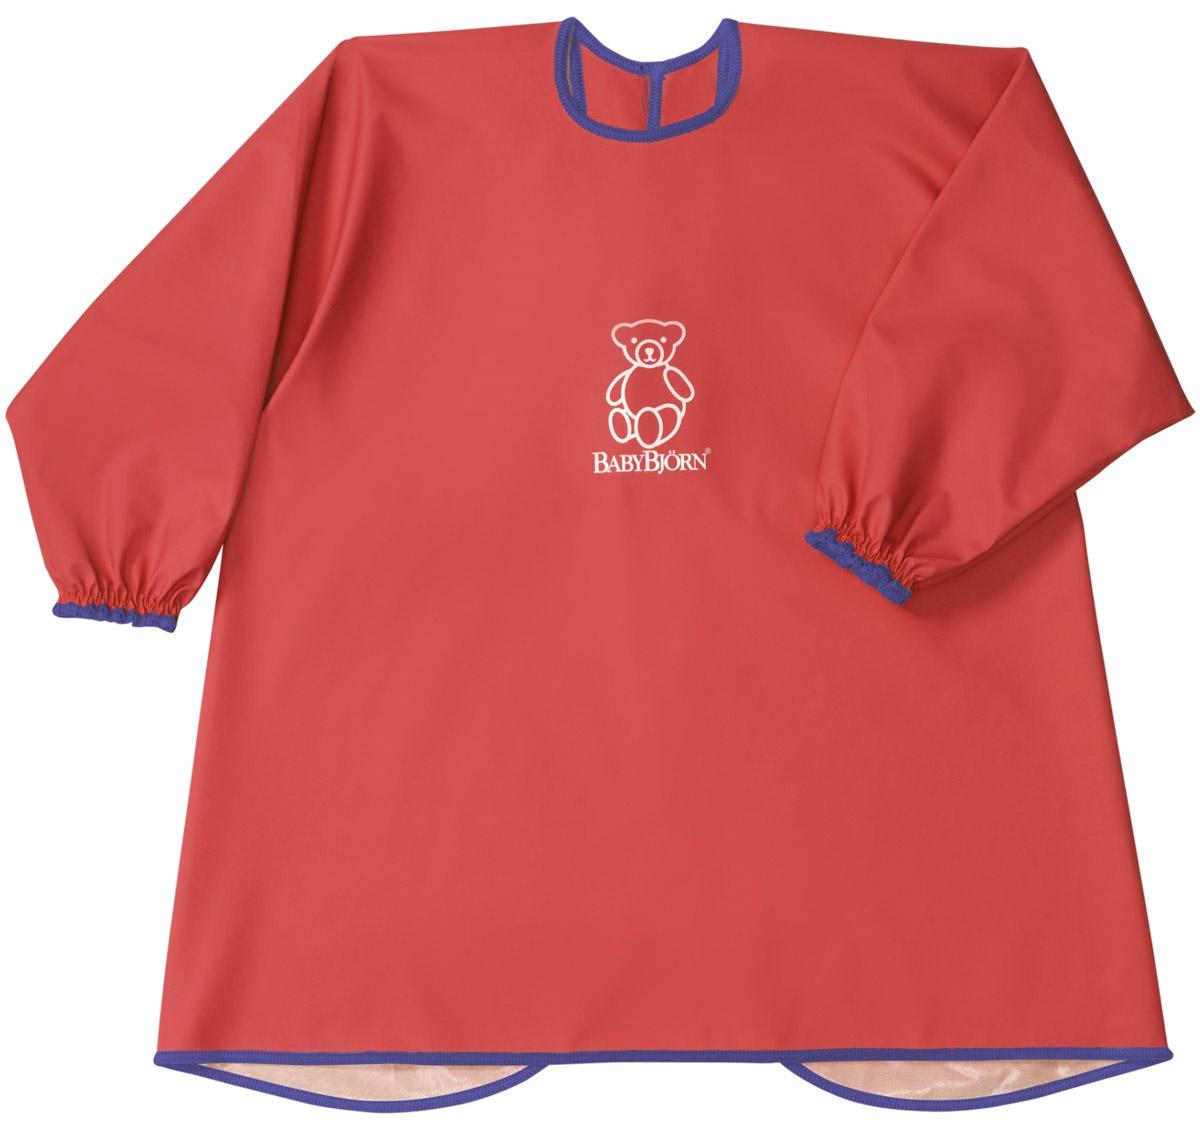 BabyBjorn Рубашка для кормления цвет красный0442.85Мягкая и практичная рубашка BabyBjorn надежно защитит одежду вашего ребенка во время кормления или занятия творчеством. С удобными застежками-кнопками на спине и мягкими, эластичными манжетами, рубашка защищает одежду малыша сзади и спереди от воды, еды, красок и всего того, что можно пролить или от того, чем можно испачкаться. Допускается машинная стирка.